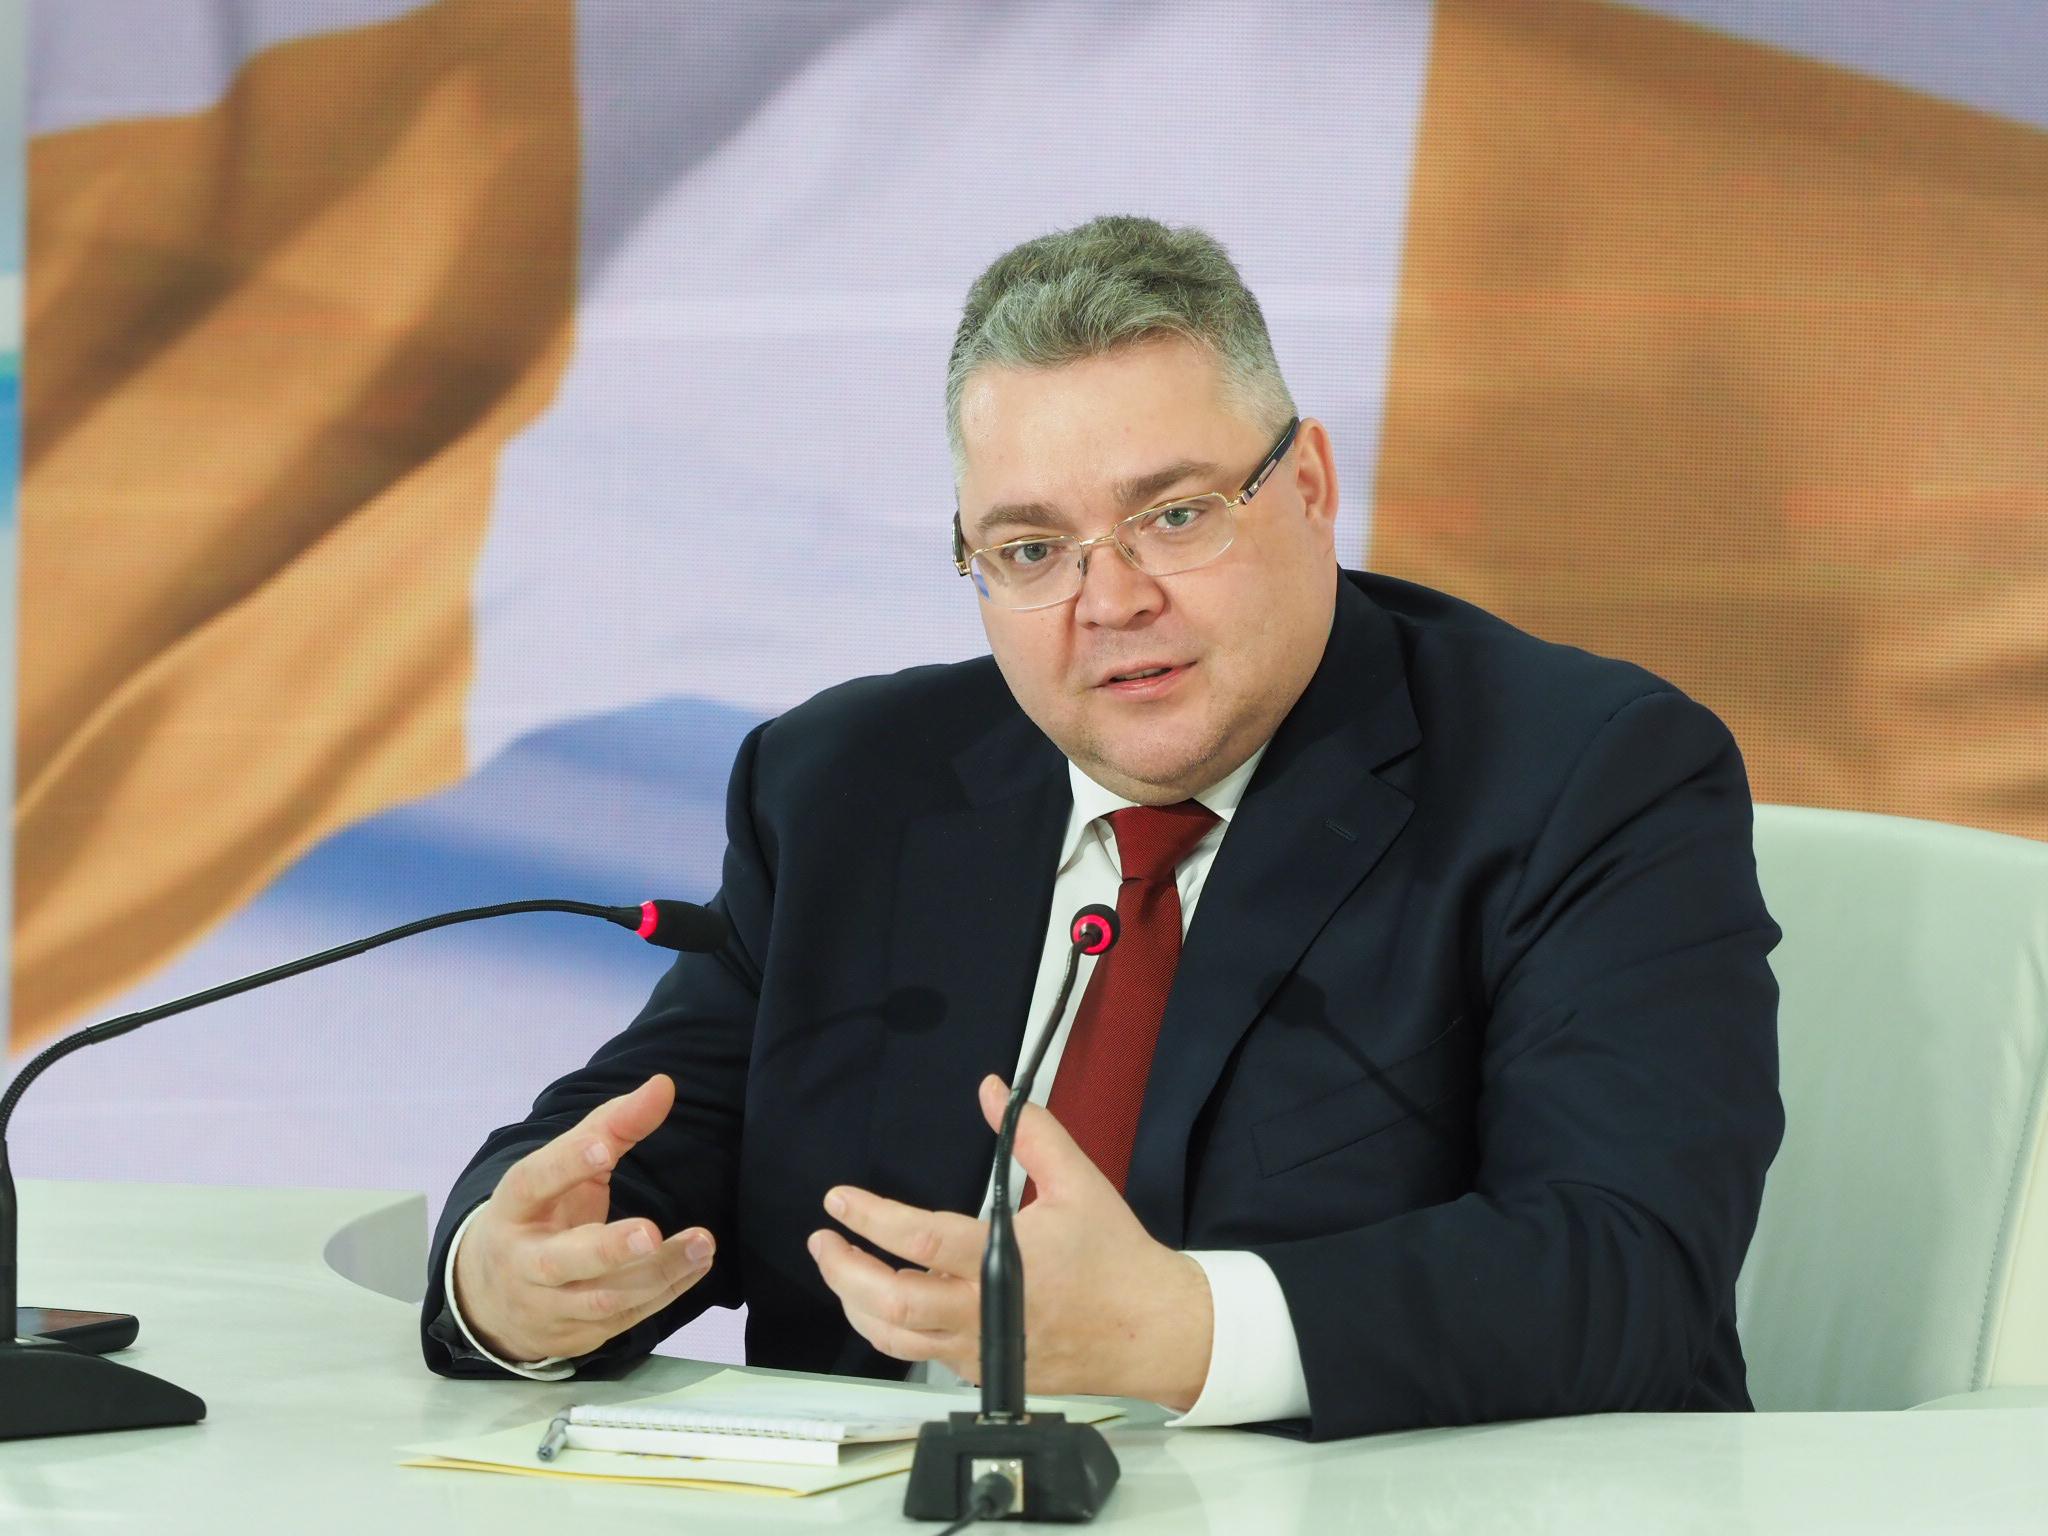 губернатор ставропольского края картинки просмотрела топики подобную